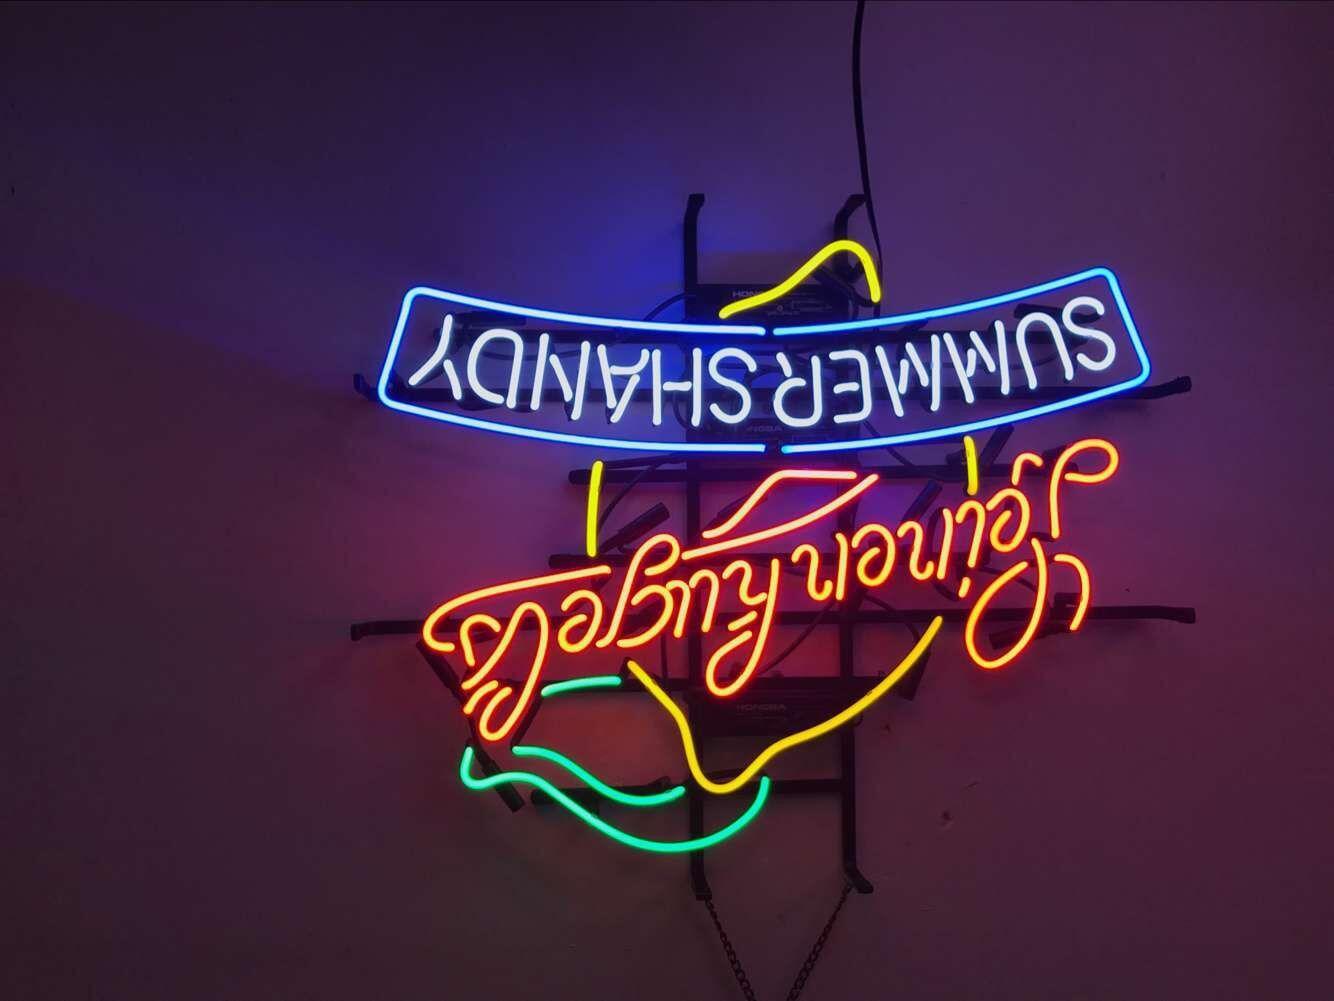 d2b41f48bce8 Leinenkugels Summer Shandy Neon Sign